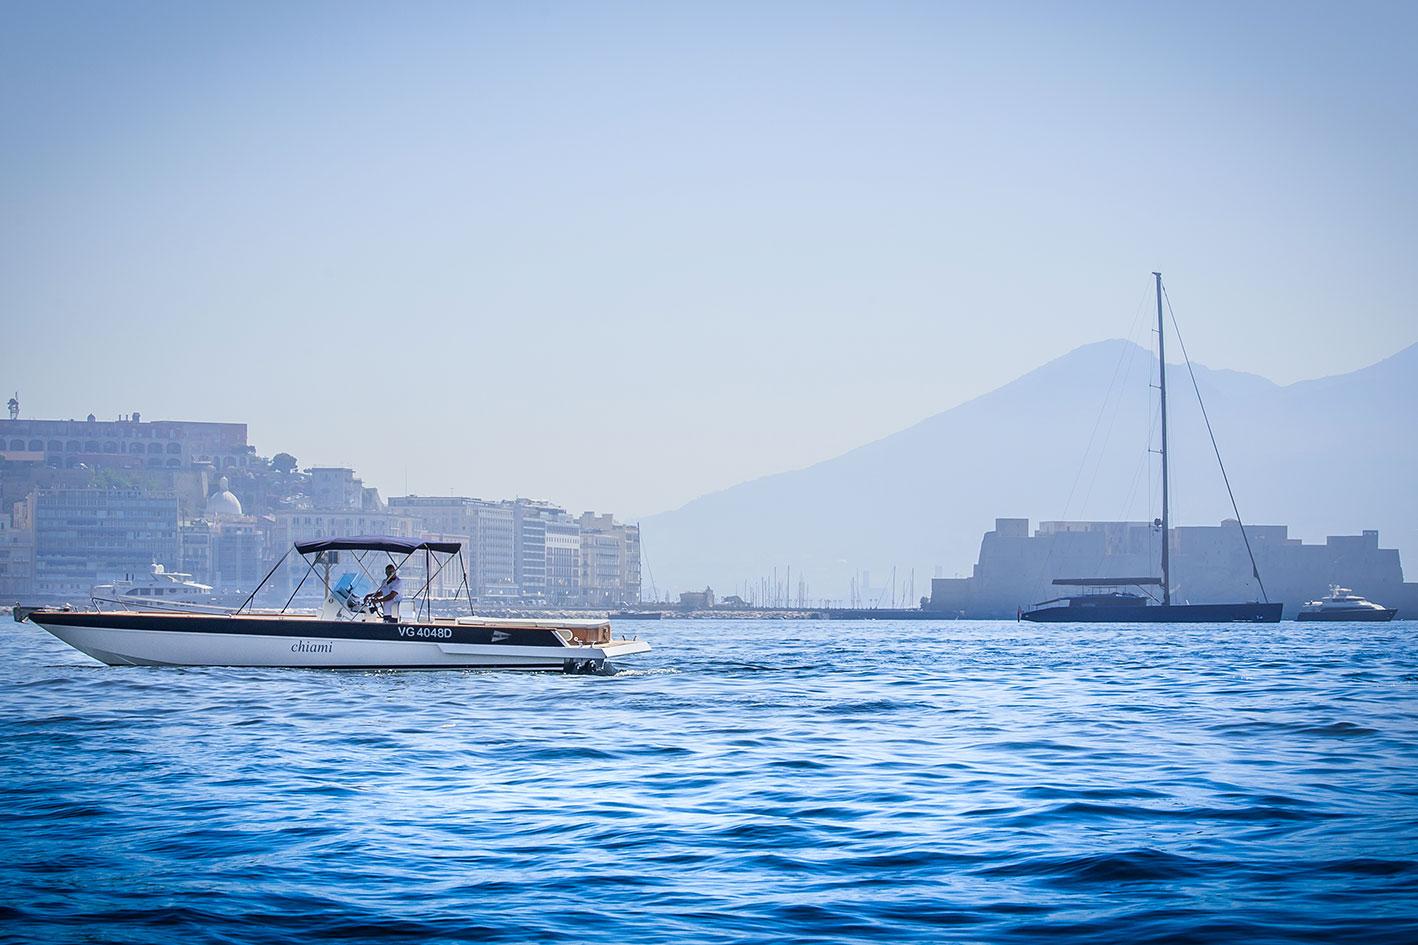 Realizzazione foto barche Napoli